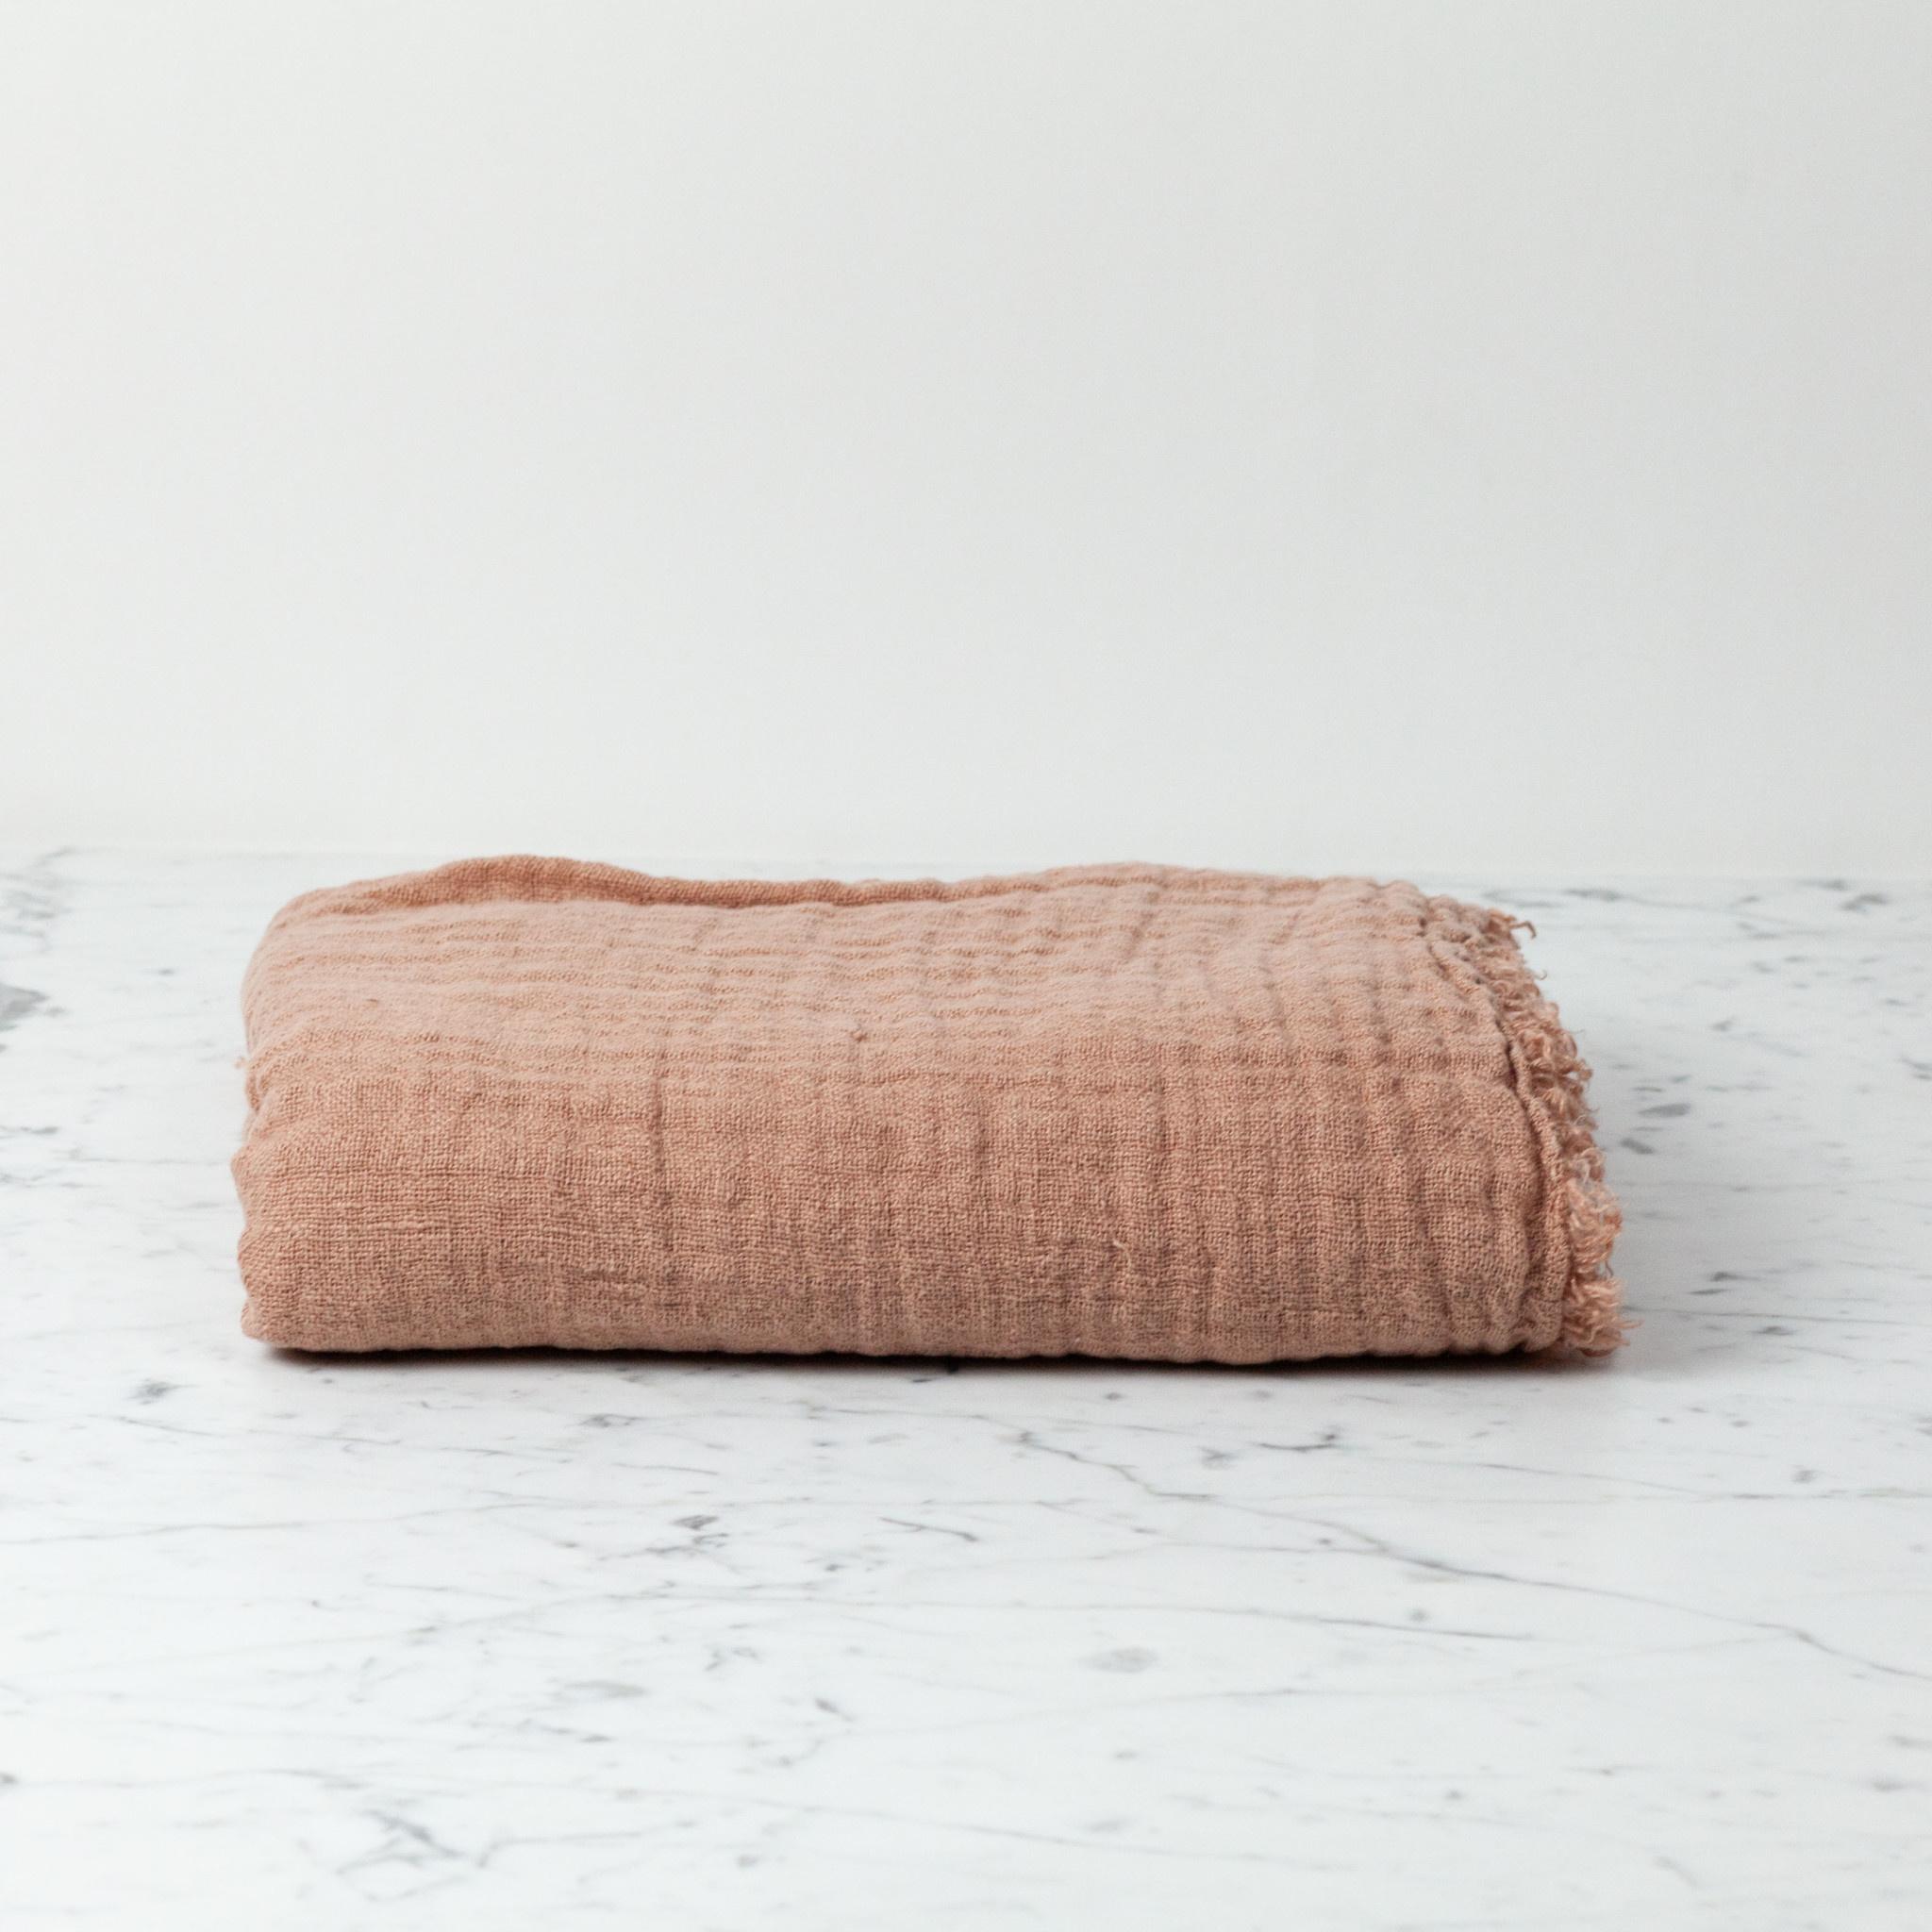 """Washed French Linen Ethereal Fringe Blanket Scarf - Moka Pink - 50 x 80"""""""